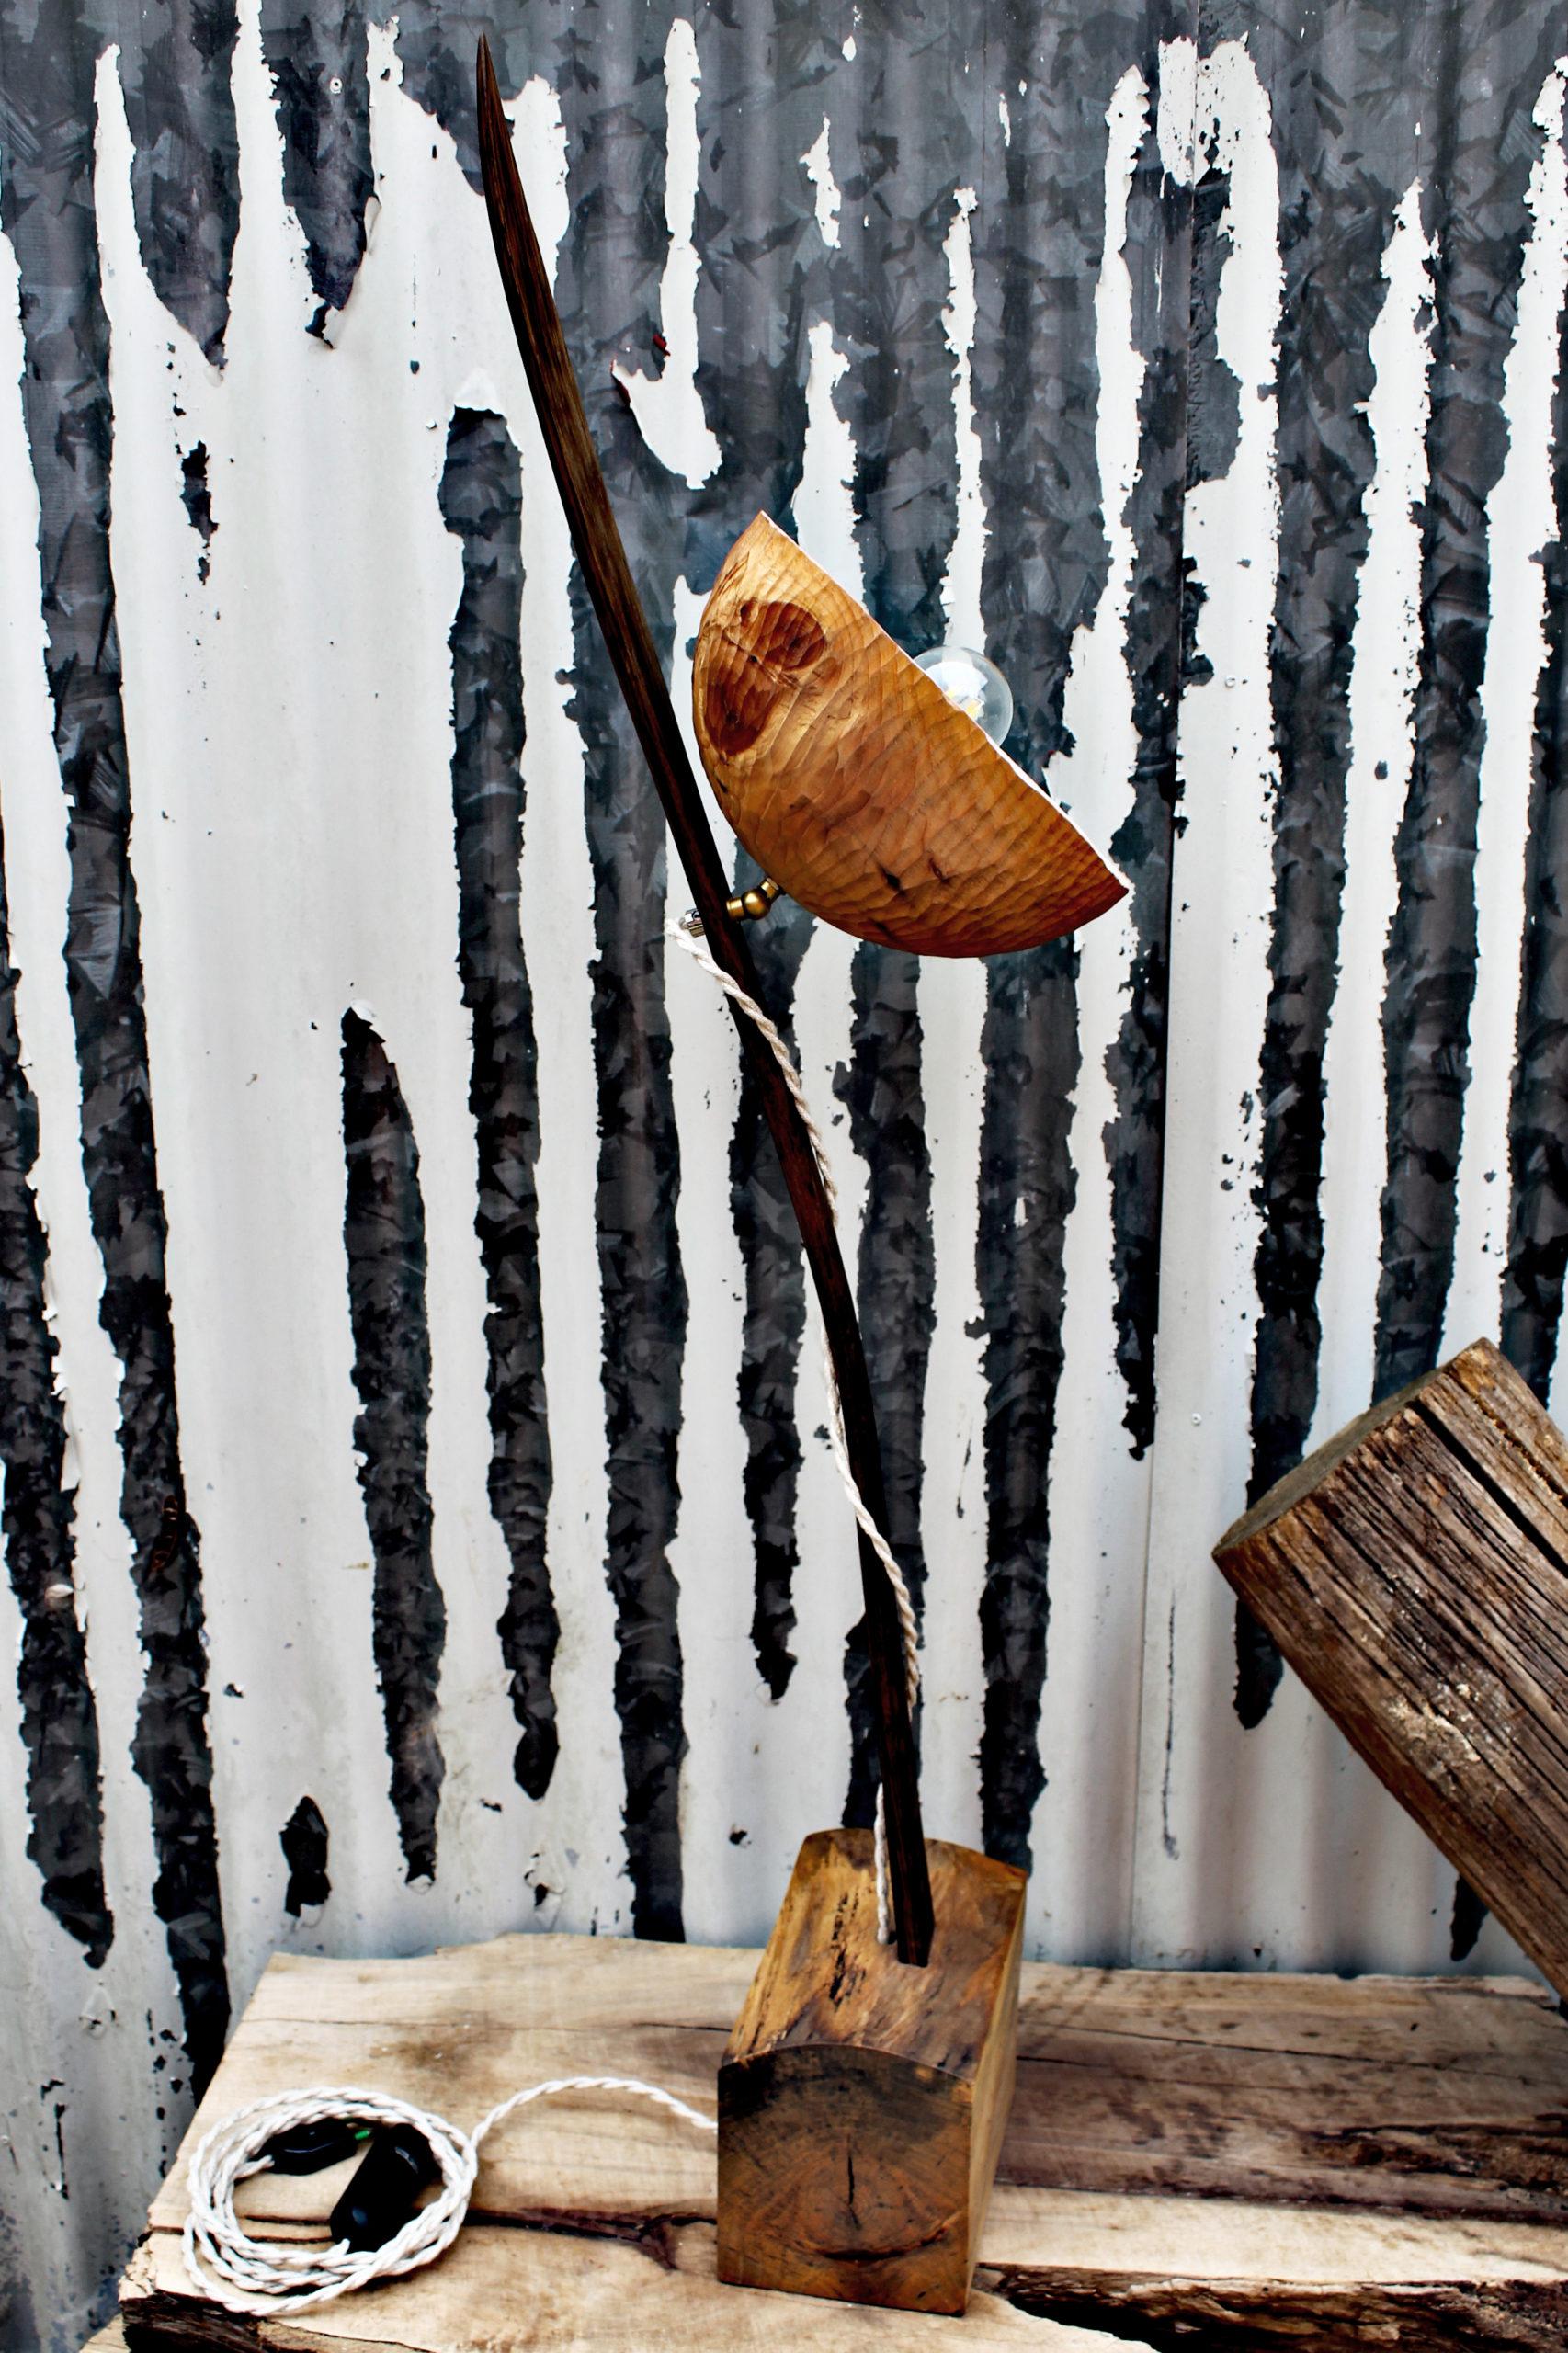 Artigianato in legno - lampada da arredo